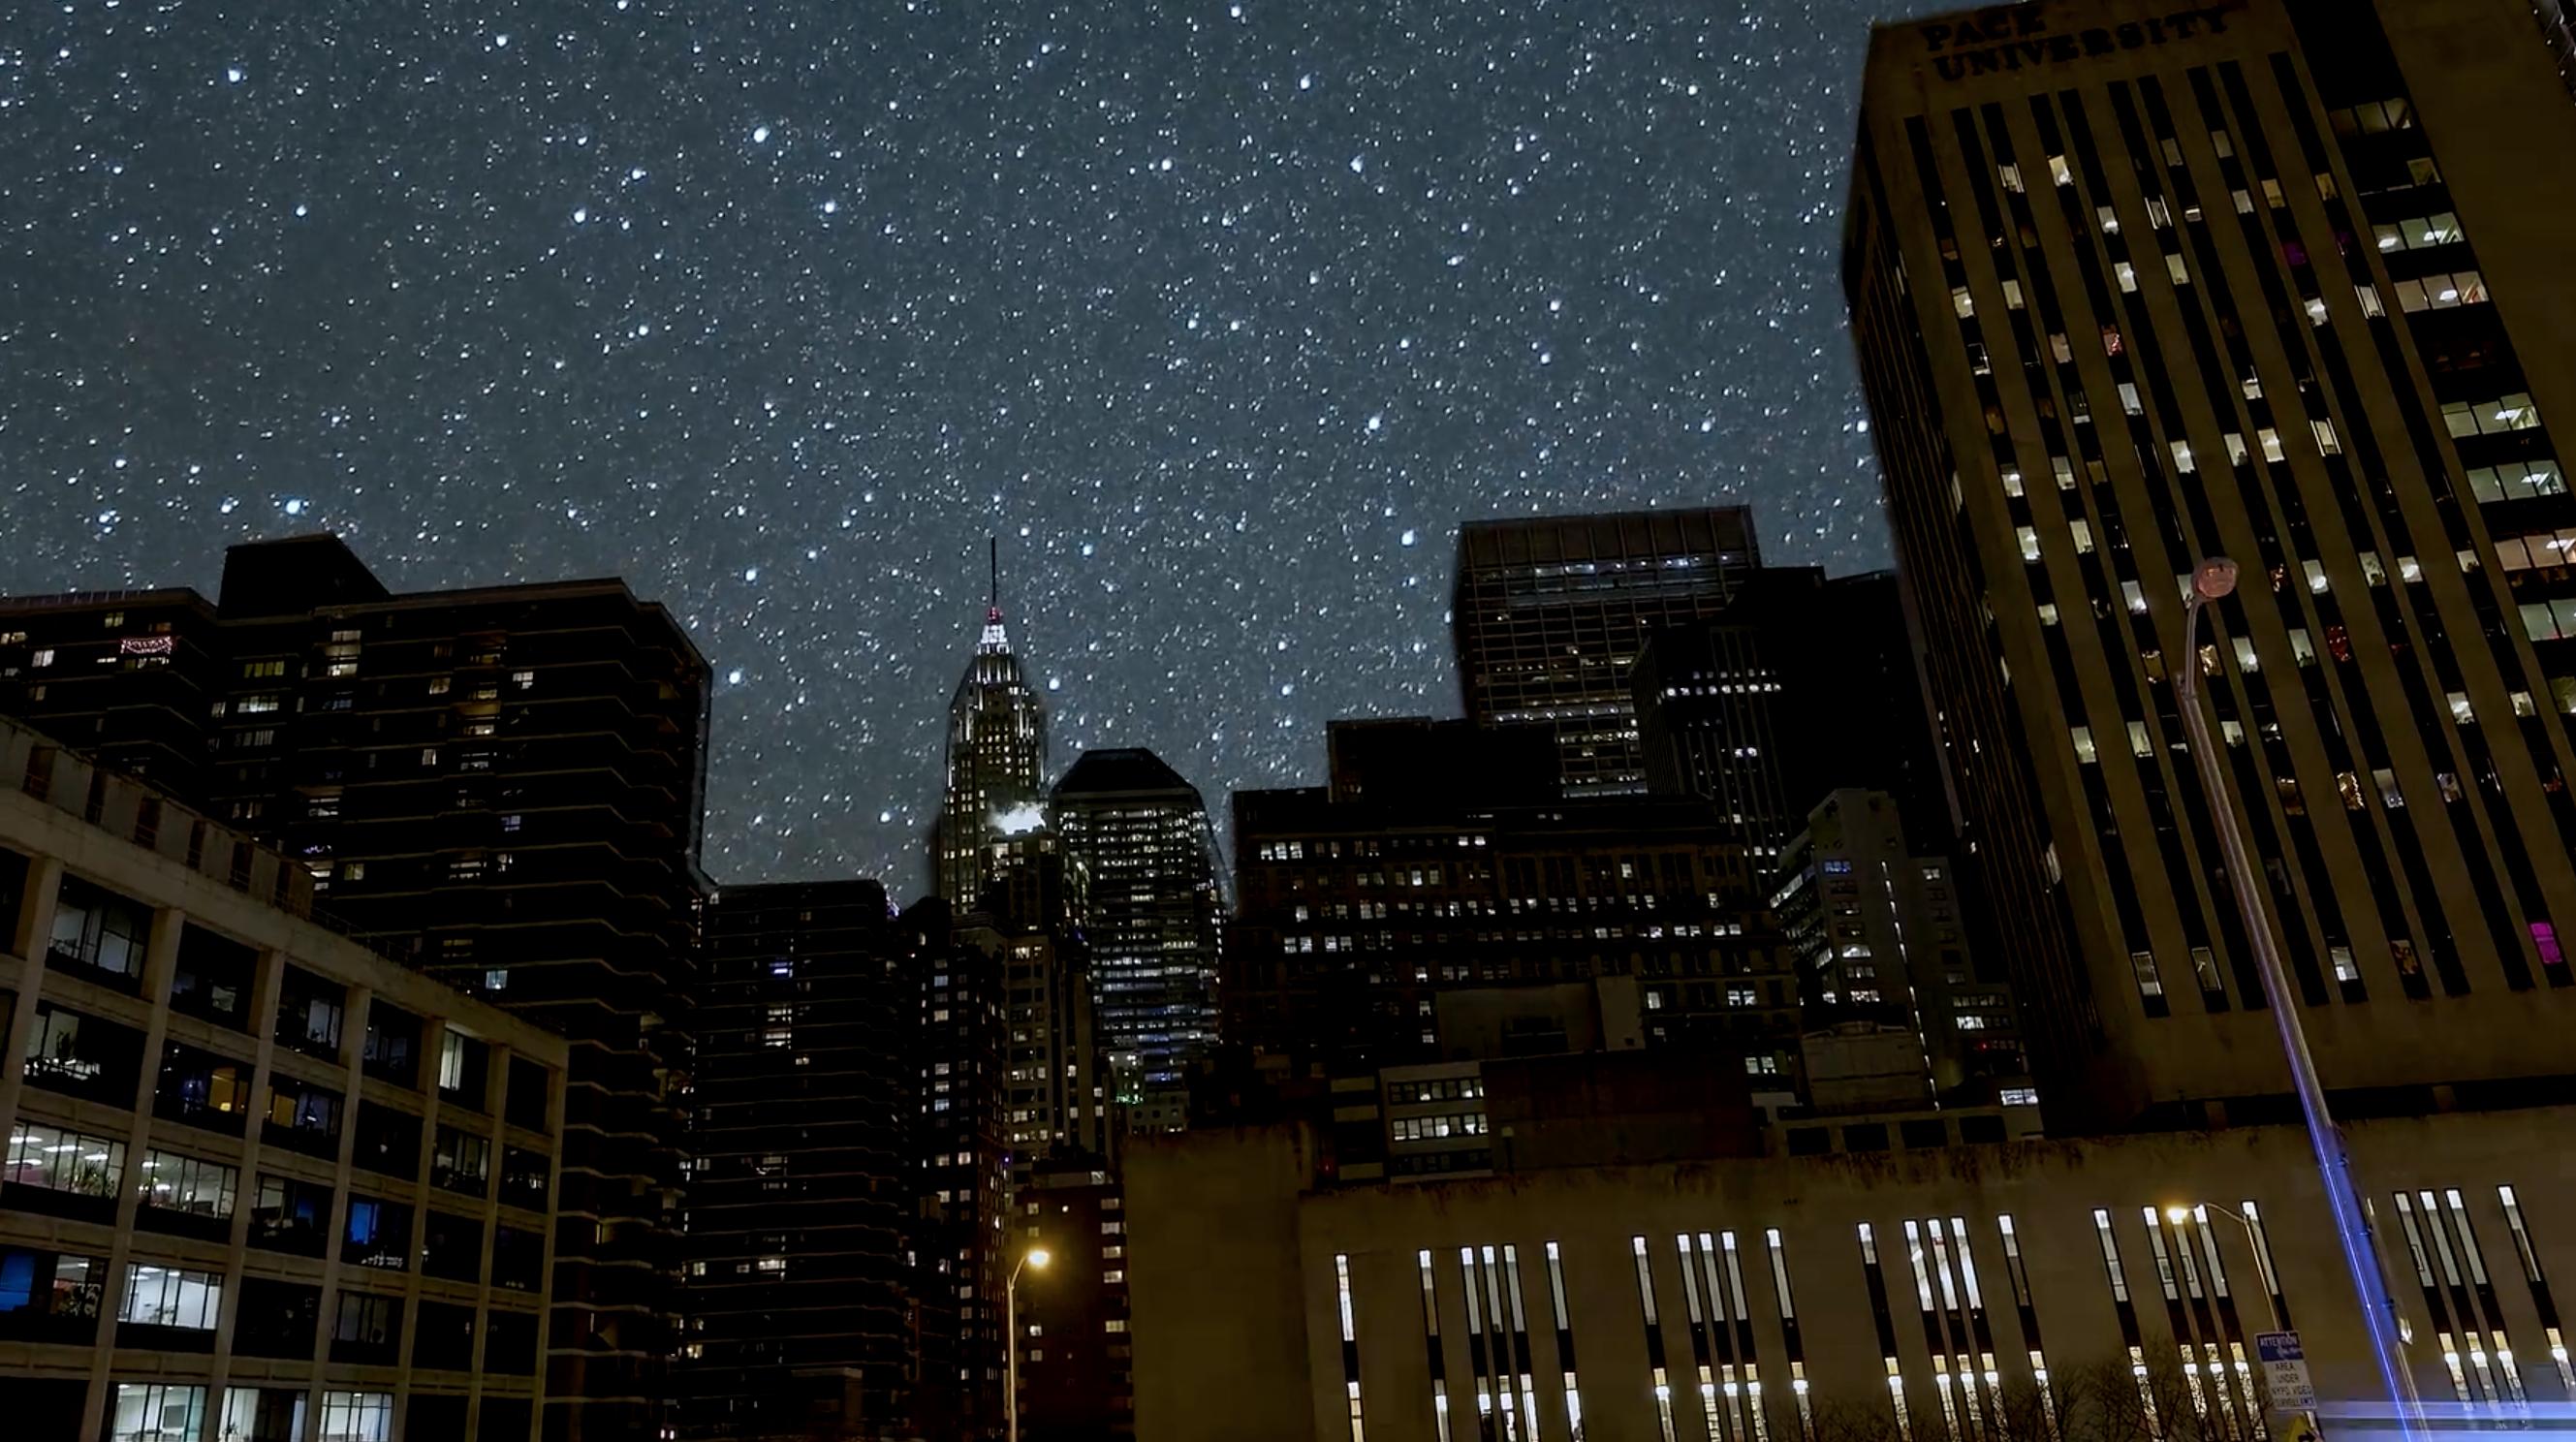 свет ночного города тает на земле